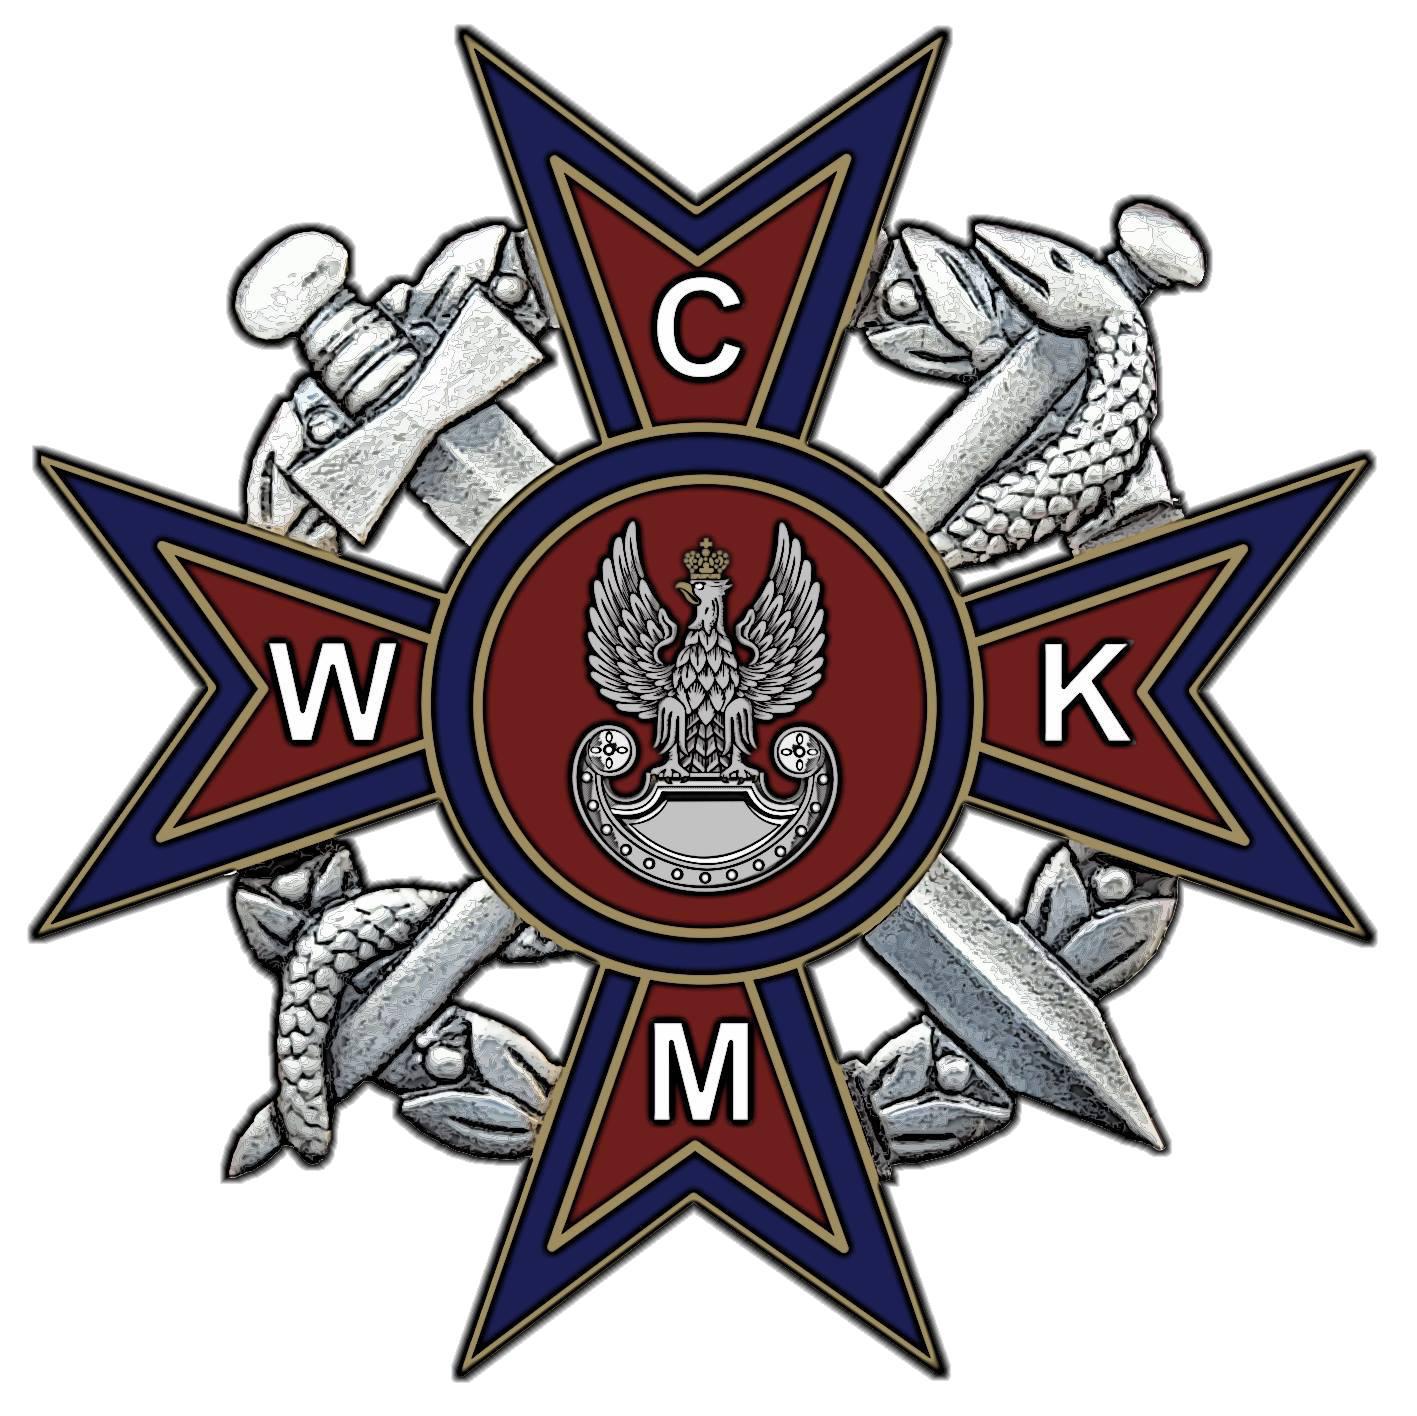 File:Odznaka WCKM.png Wikimedia Commons